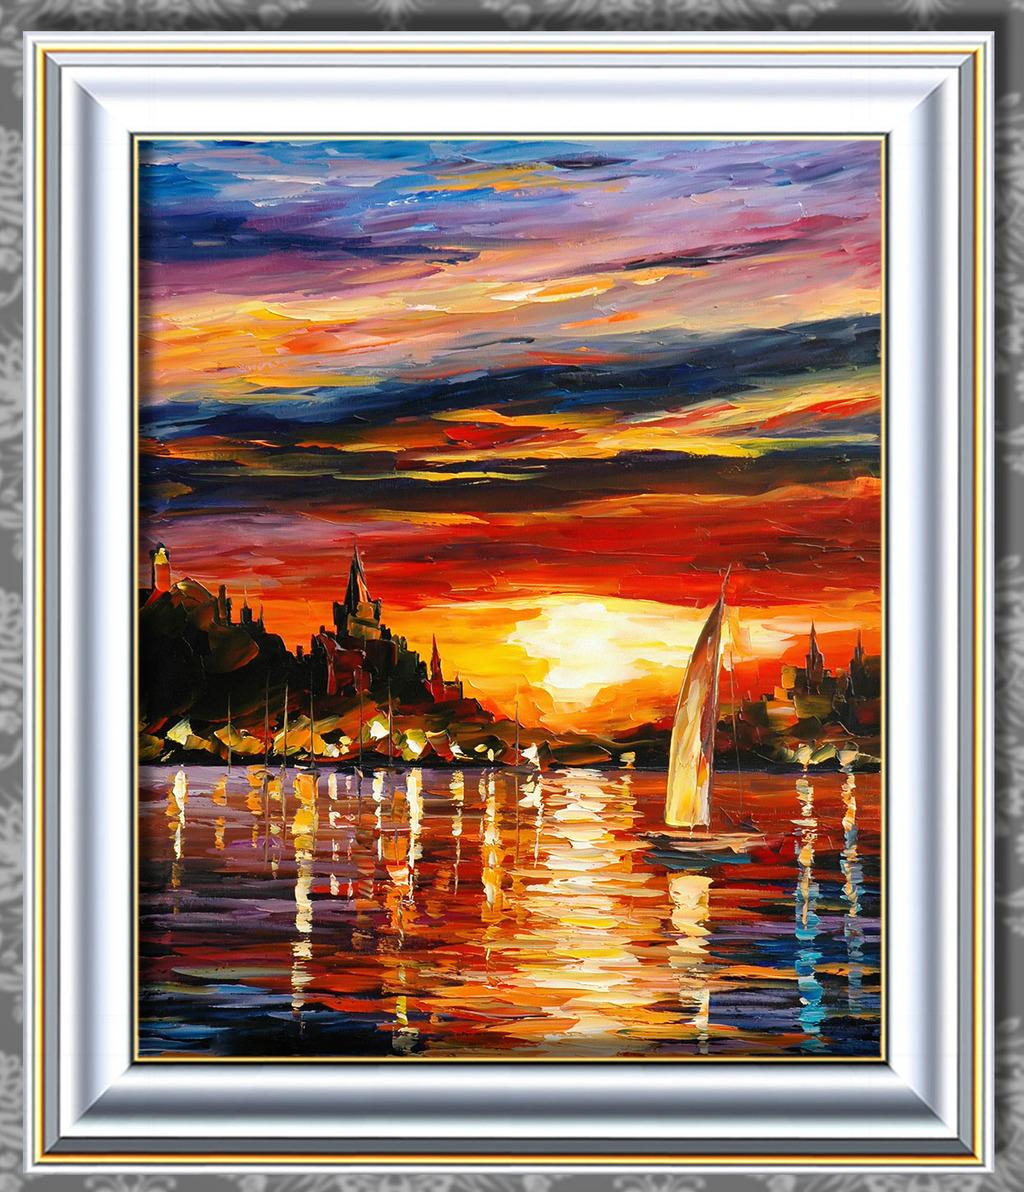 夜色下的海港白帆风景油画